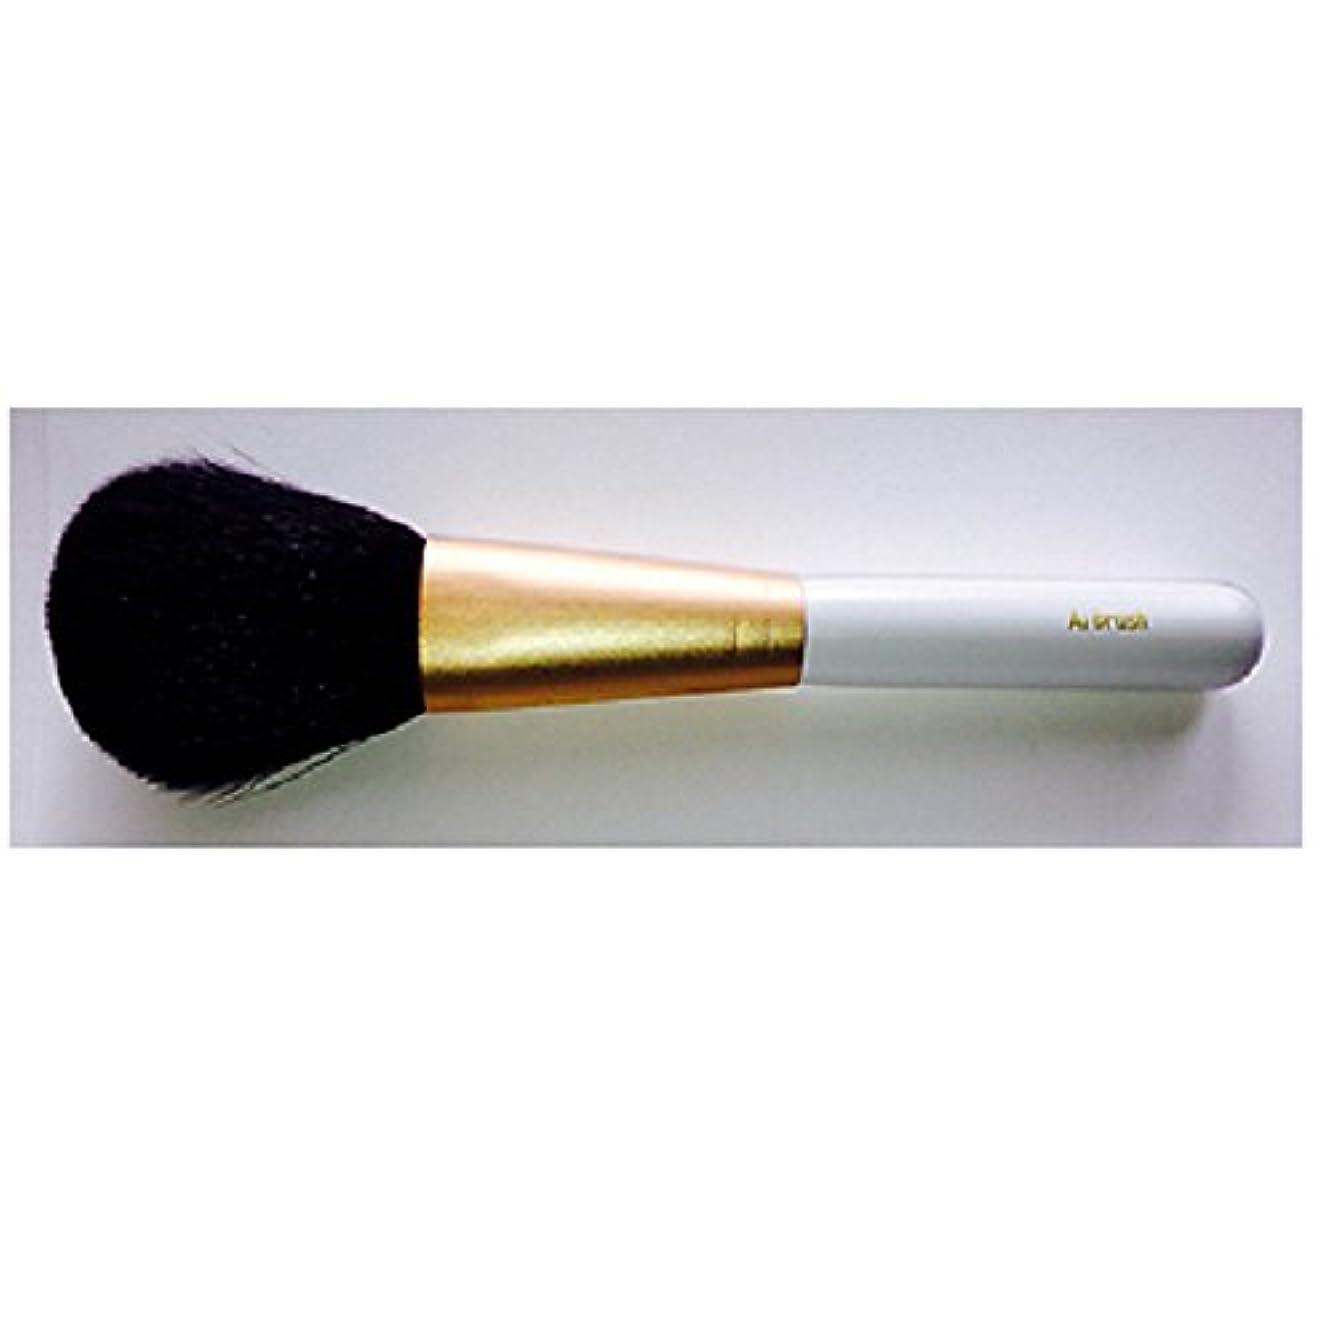 完全に乾くウェイトレス比較熊野筆 Ai brush ML-SH-2P/パウダーブラシ/白軸